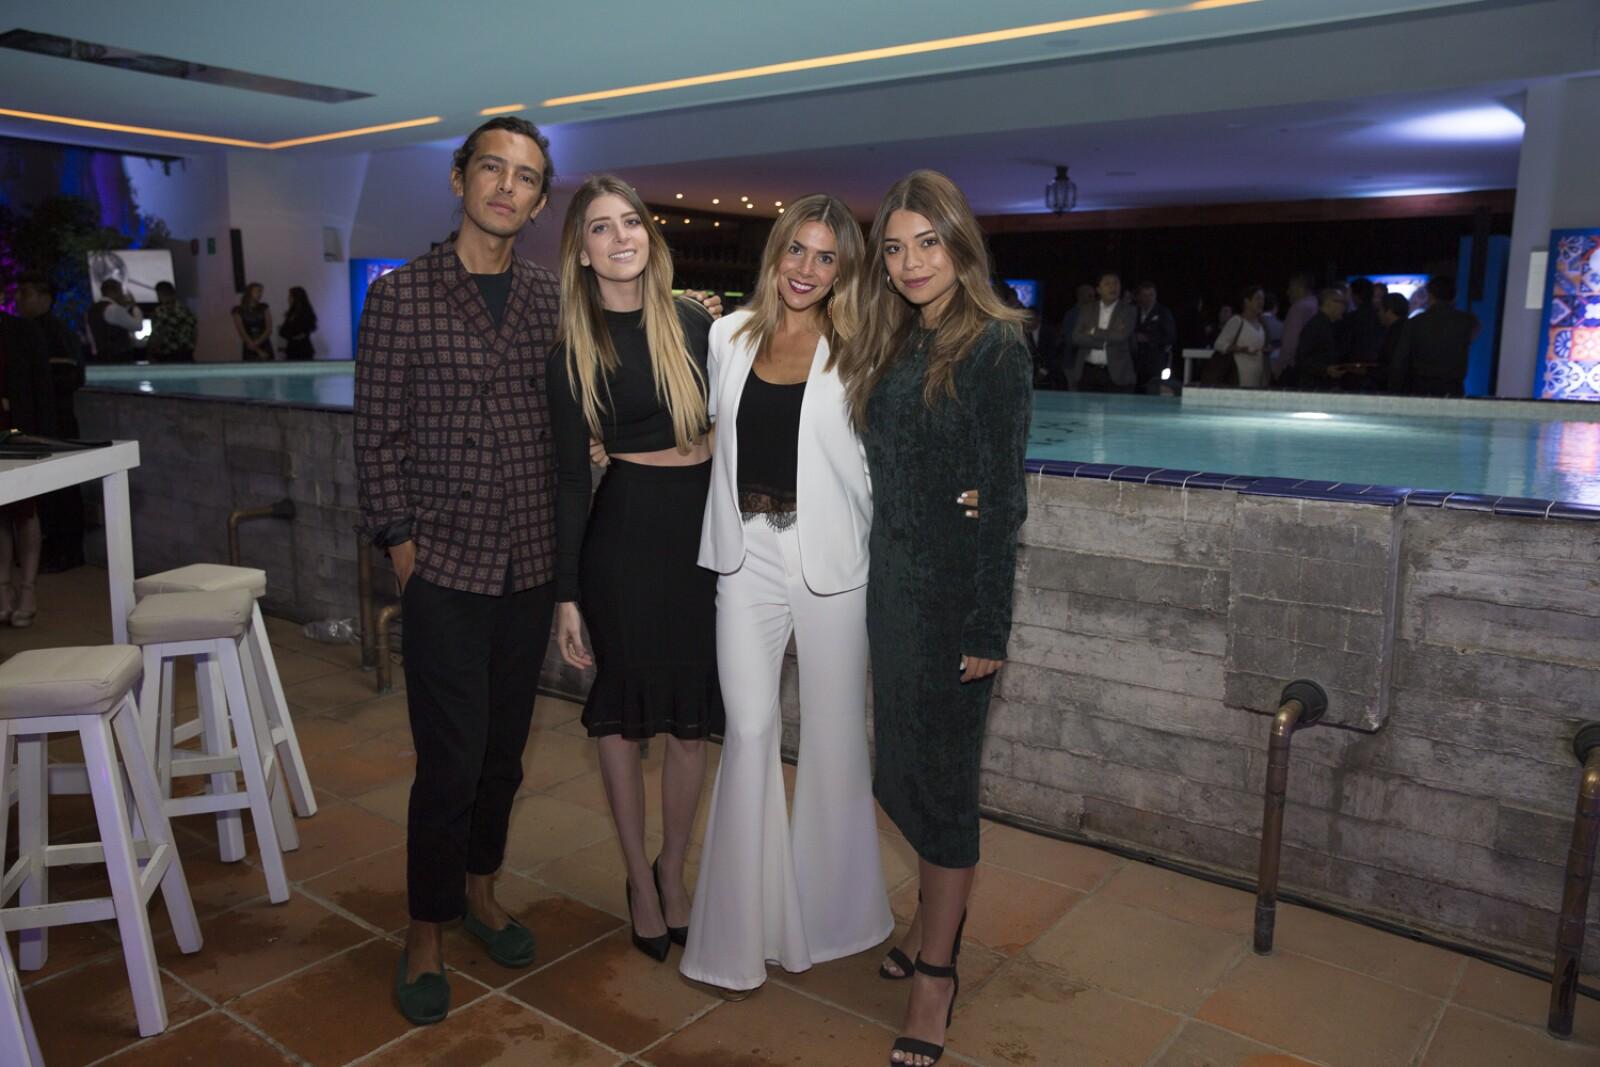 Juan Carlos Gutiérrez, Danielle Clyde, María Renee Molina y Paty Cascar.jpg